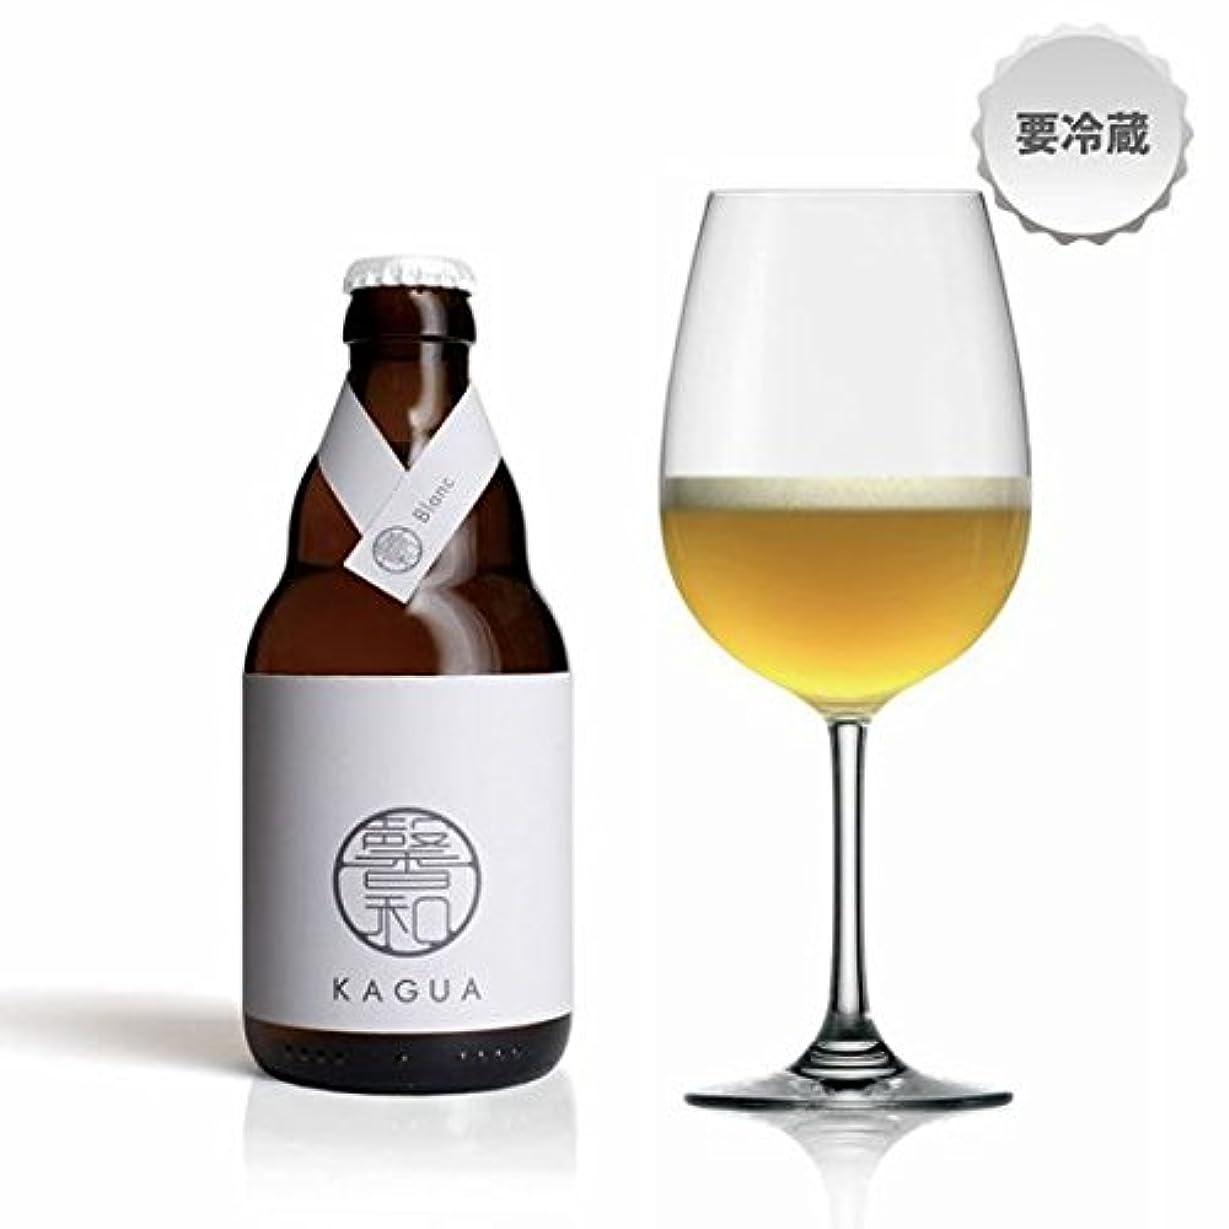 待ってボーナスイースター馨和 KAGUA Blanc ビール(発泡酒) 瓶入り 330ml × 1本